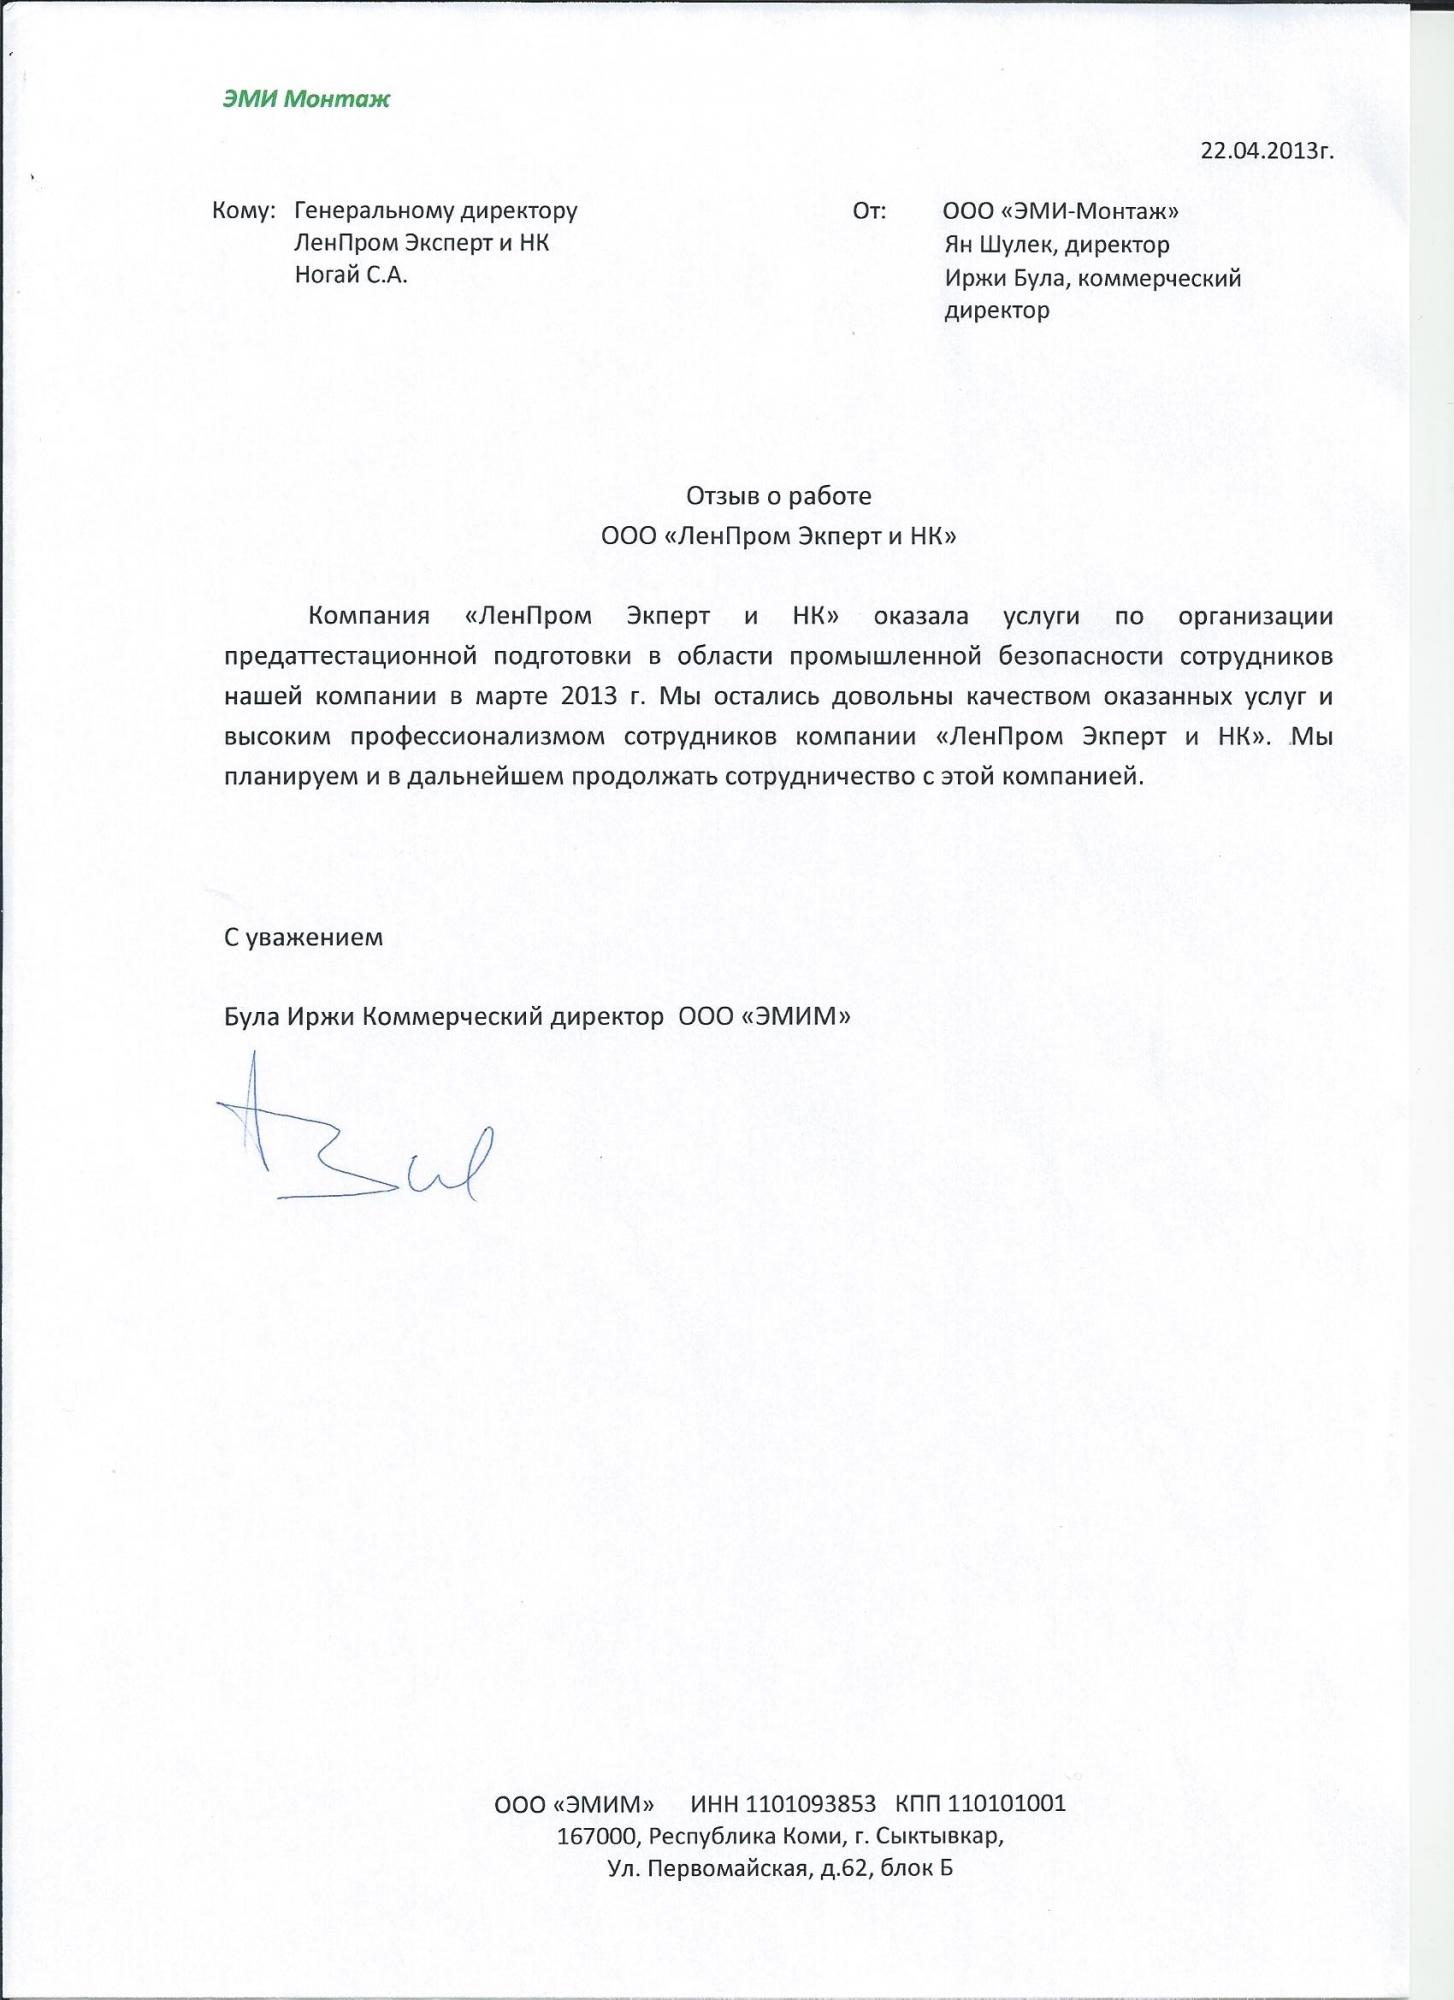 ЭМИ ГРУПП, АТТЕСТАЦИЯ ПО ПРОМЫШЛЕННОЙ БЕЗОПАСНОСТИ